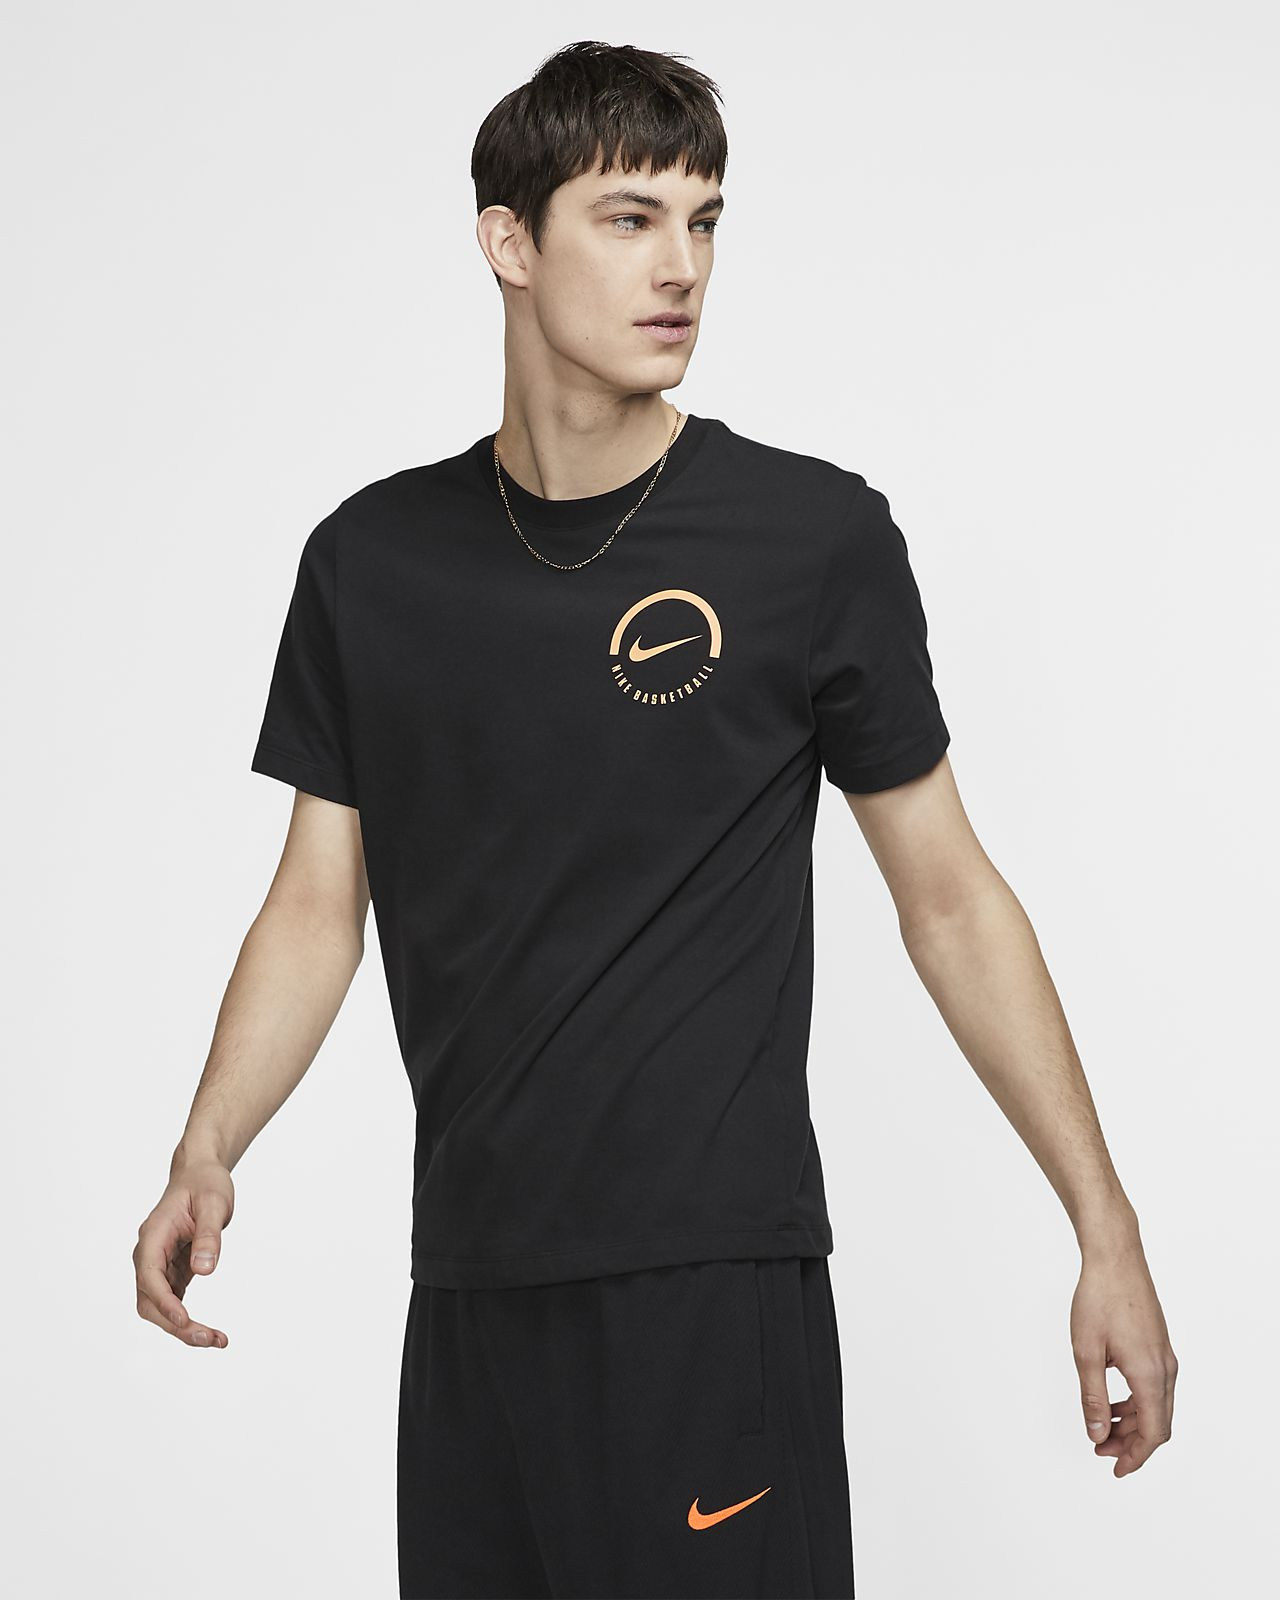 ナイキ メンズ バスケットボール Tシャツ